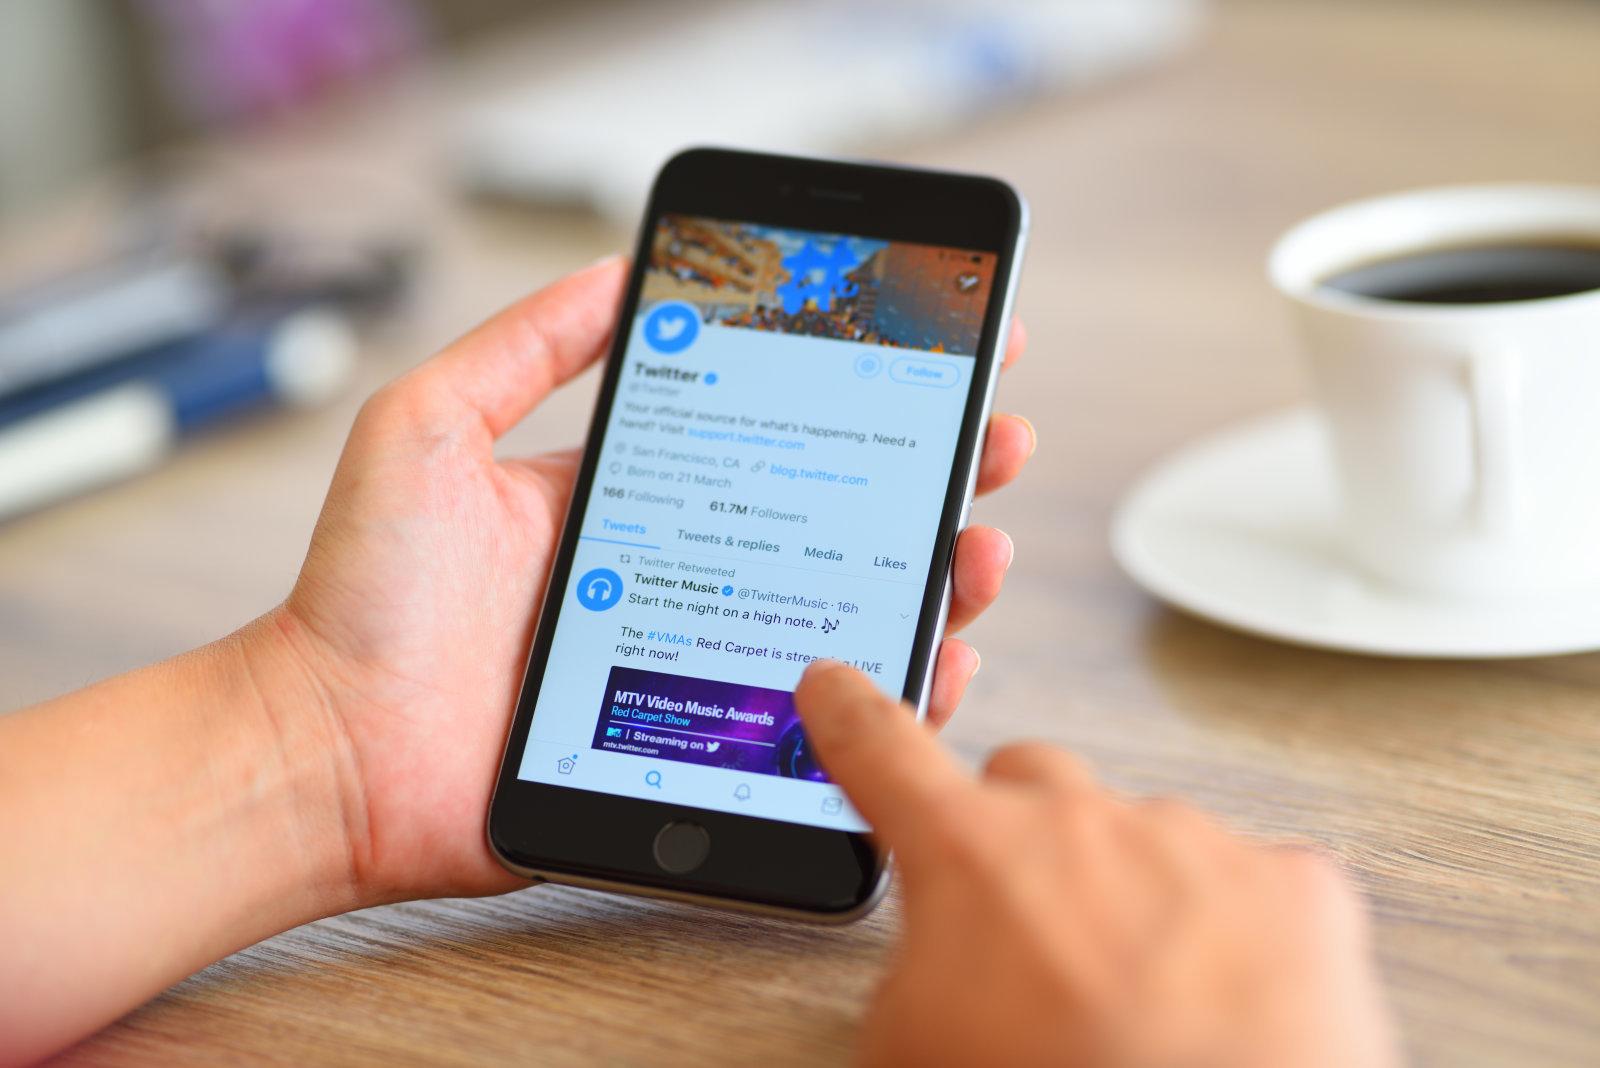 افزایش دقت کاربران در هنگام توئیت با ایموجیهای خودکار توئیتر